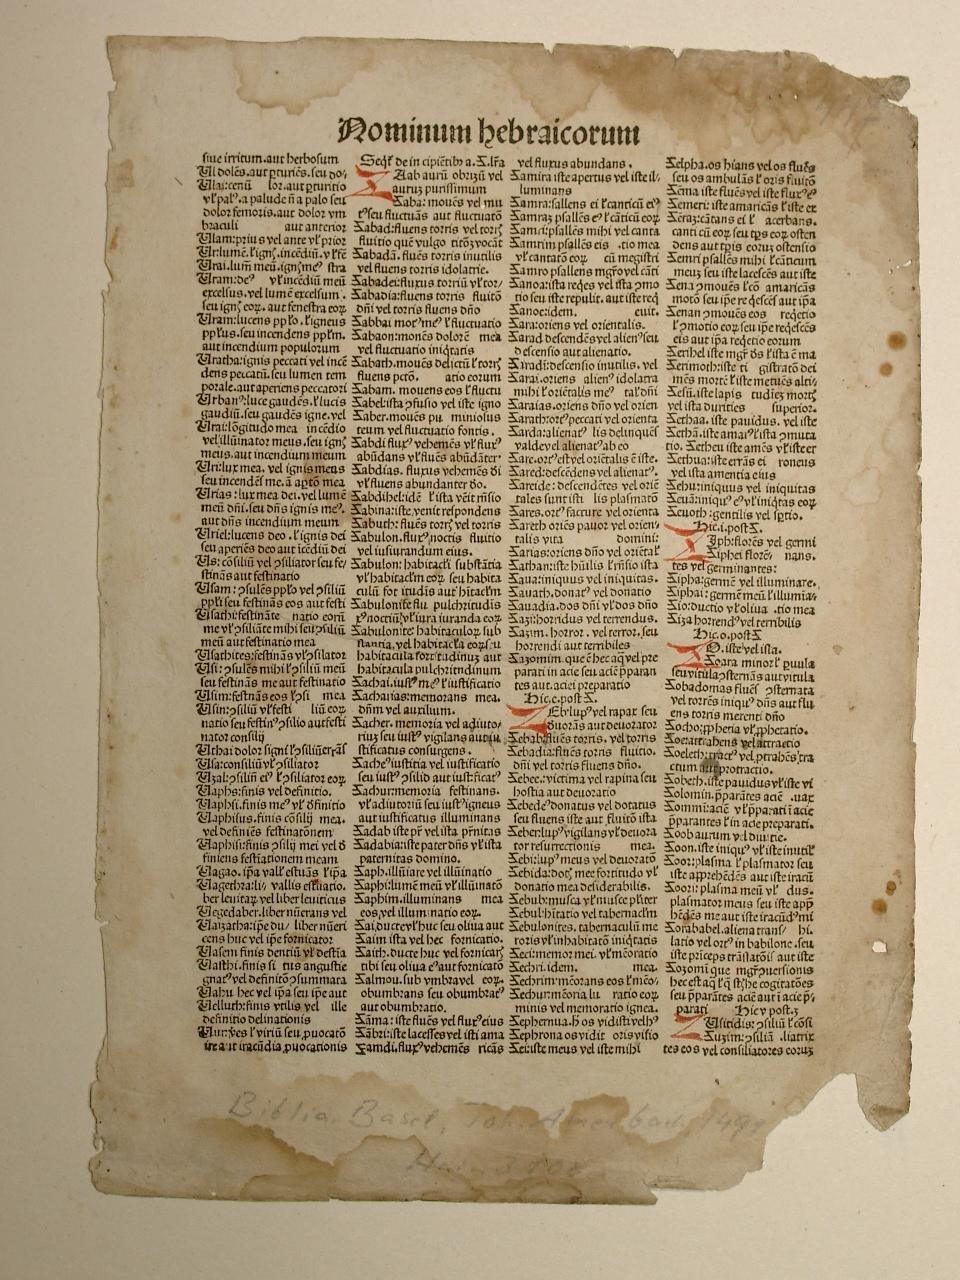 Biblia latina. (GW 4267, H 3108).